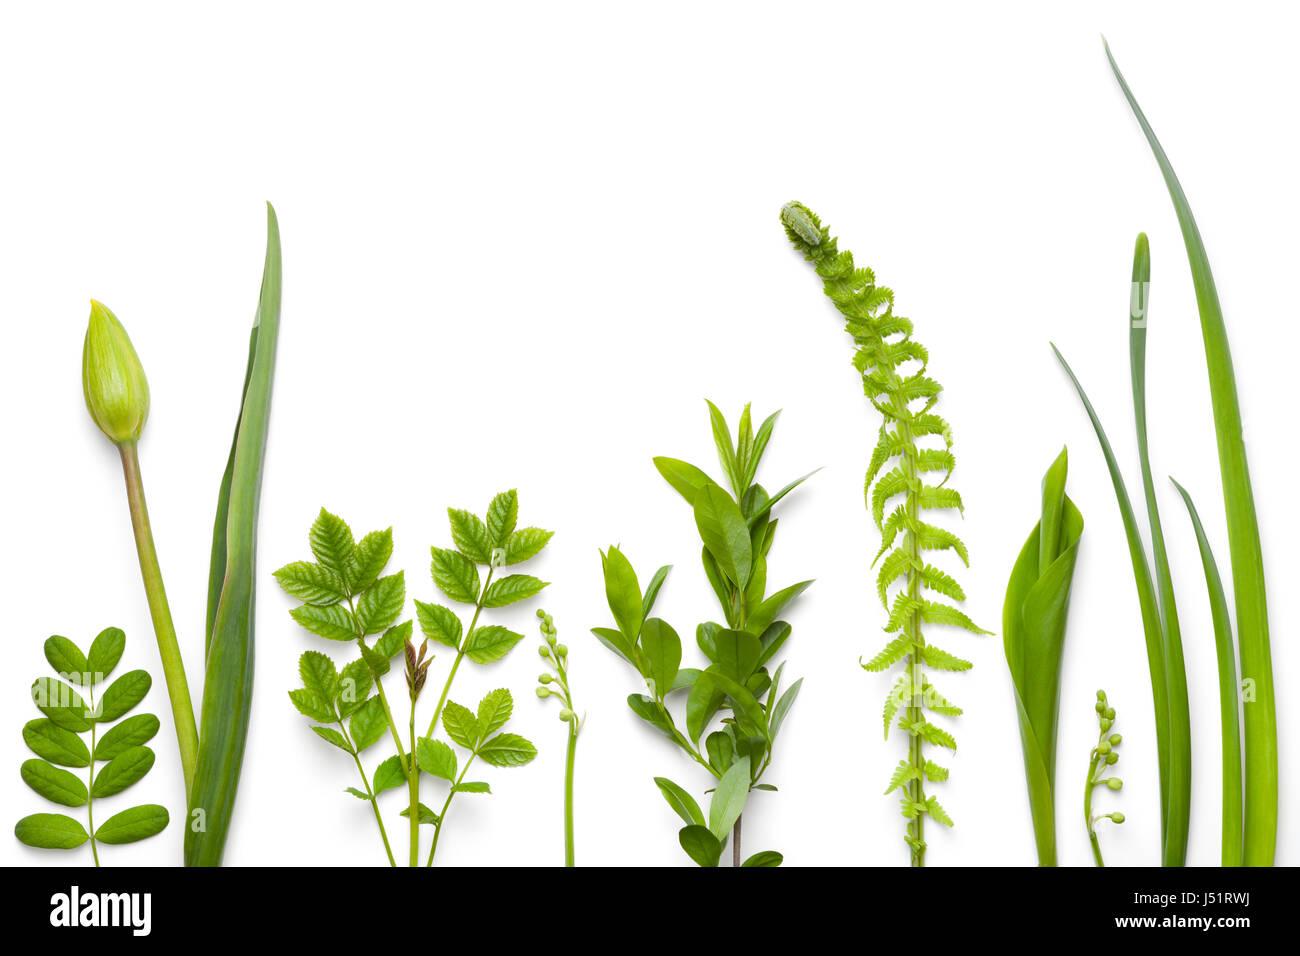 Plantes vert isolé sur fond blanc. Mise à plat. Vue d'en haut Photo Stock